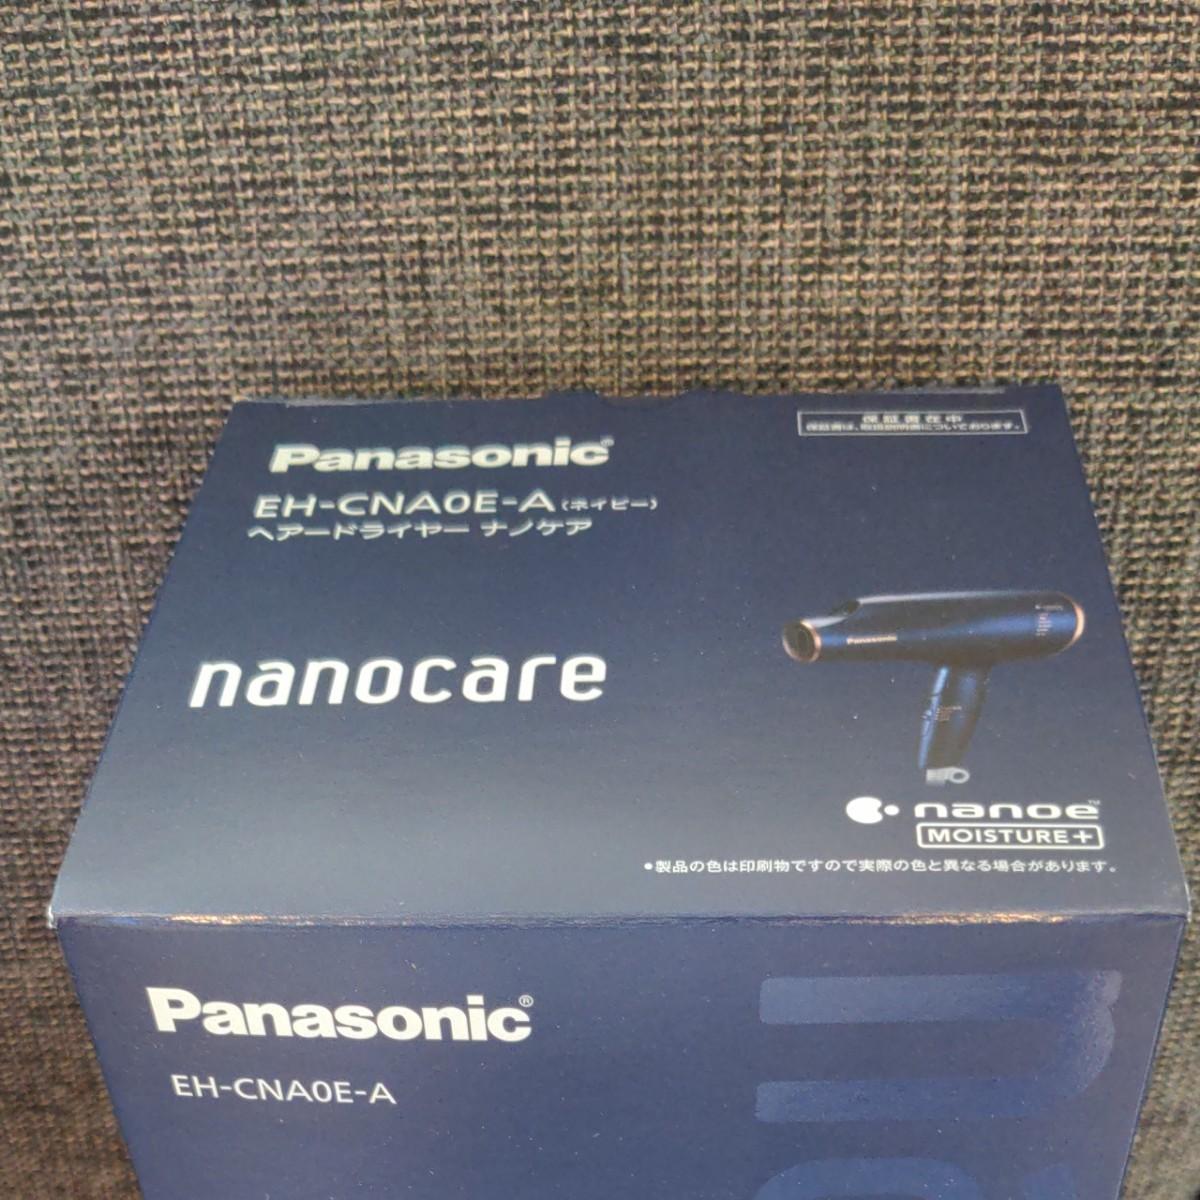 パナソニック Panasonic ヘアドライヤー EH-CNA0E-A